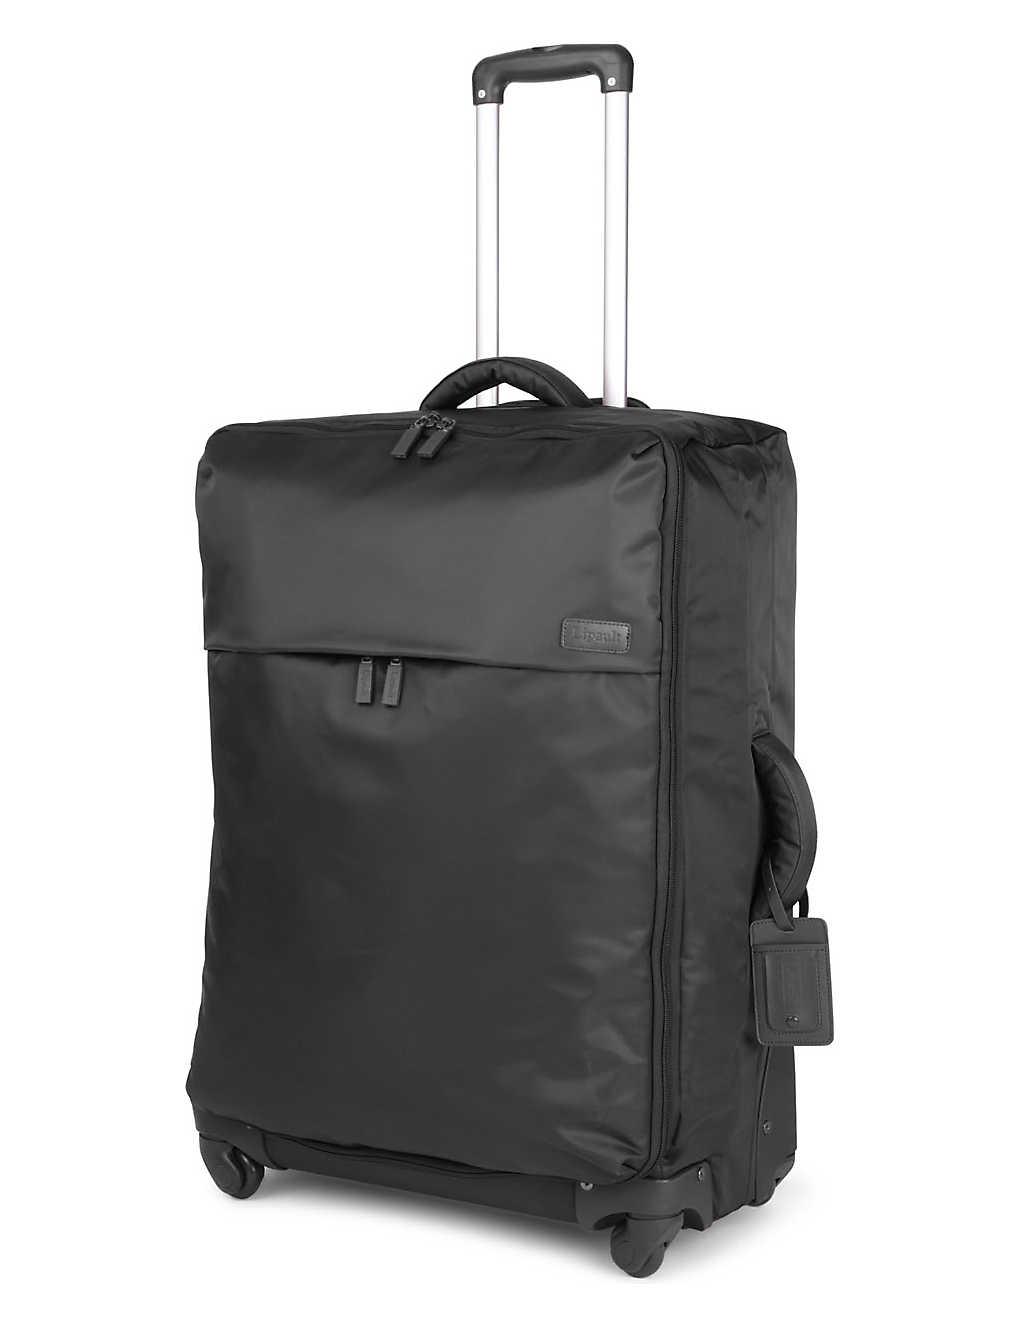 0e1dfc2fd LIPAULT - Original Plume four-wheel suitcase 72cm | Selfridges.com